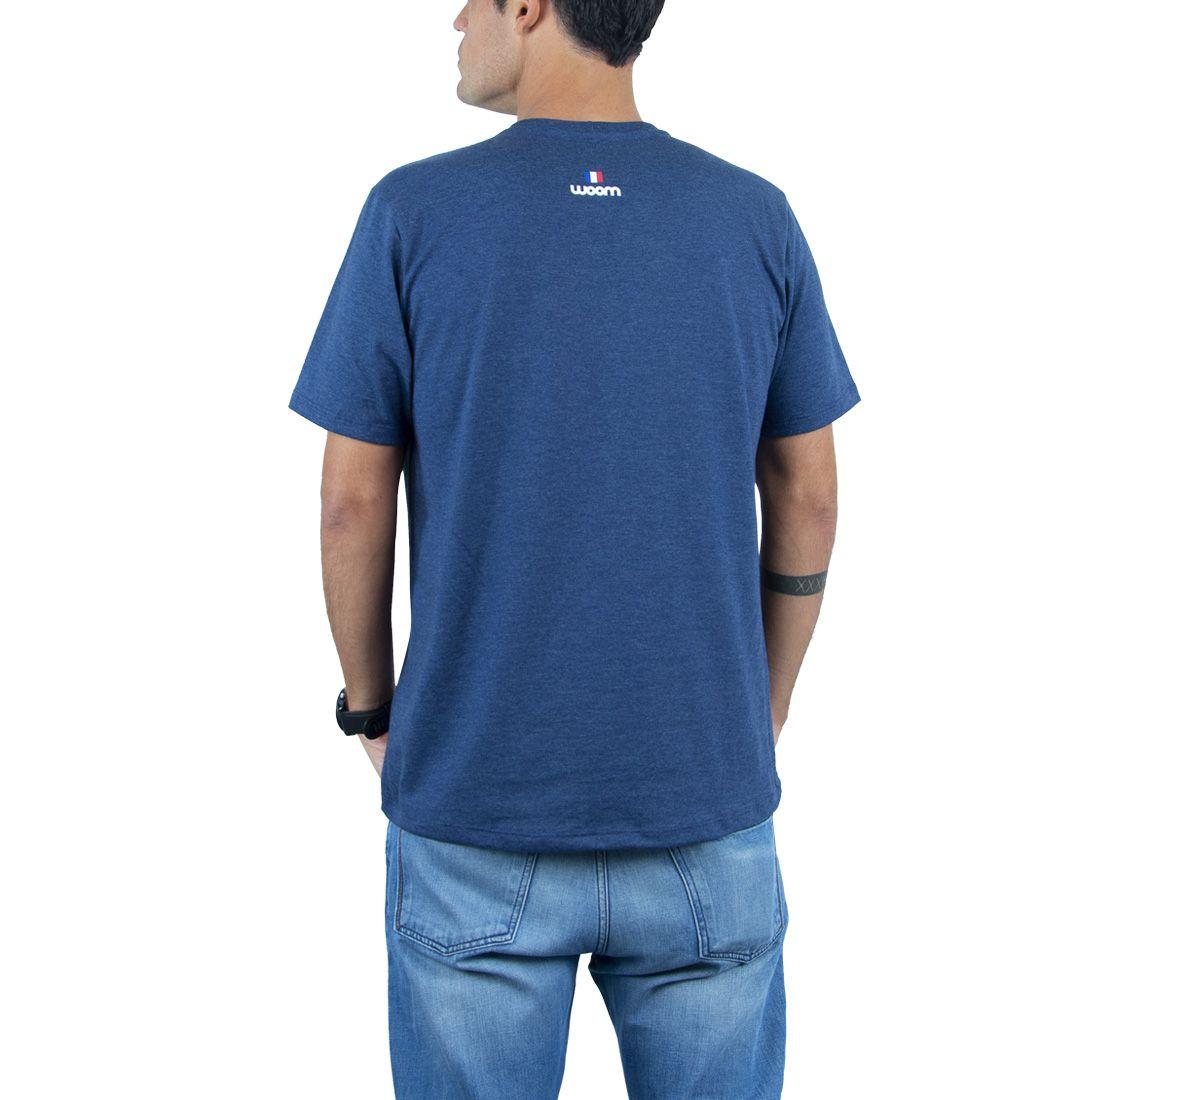 Camiseta France Masc - Azul Marinho - Woom 247